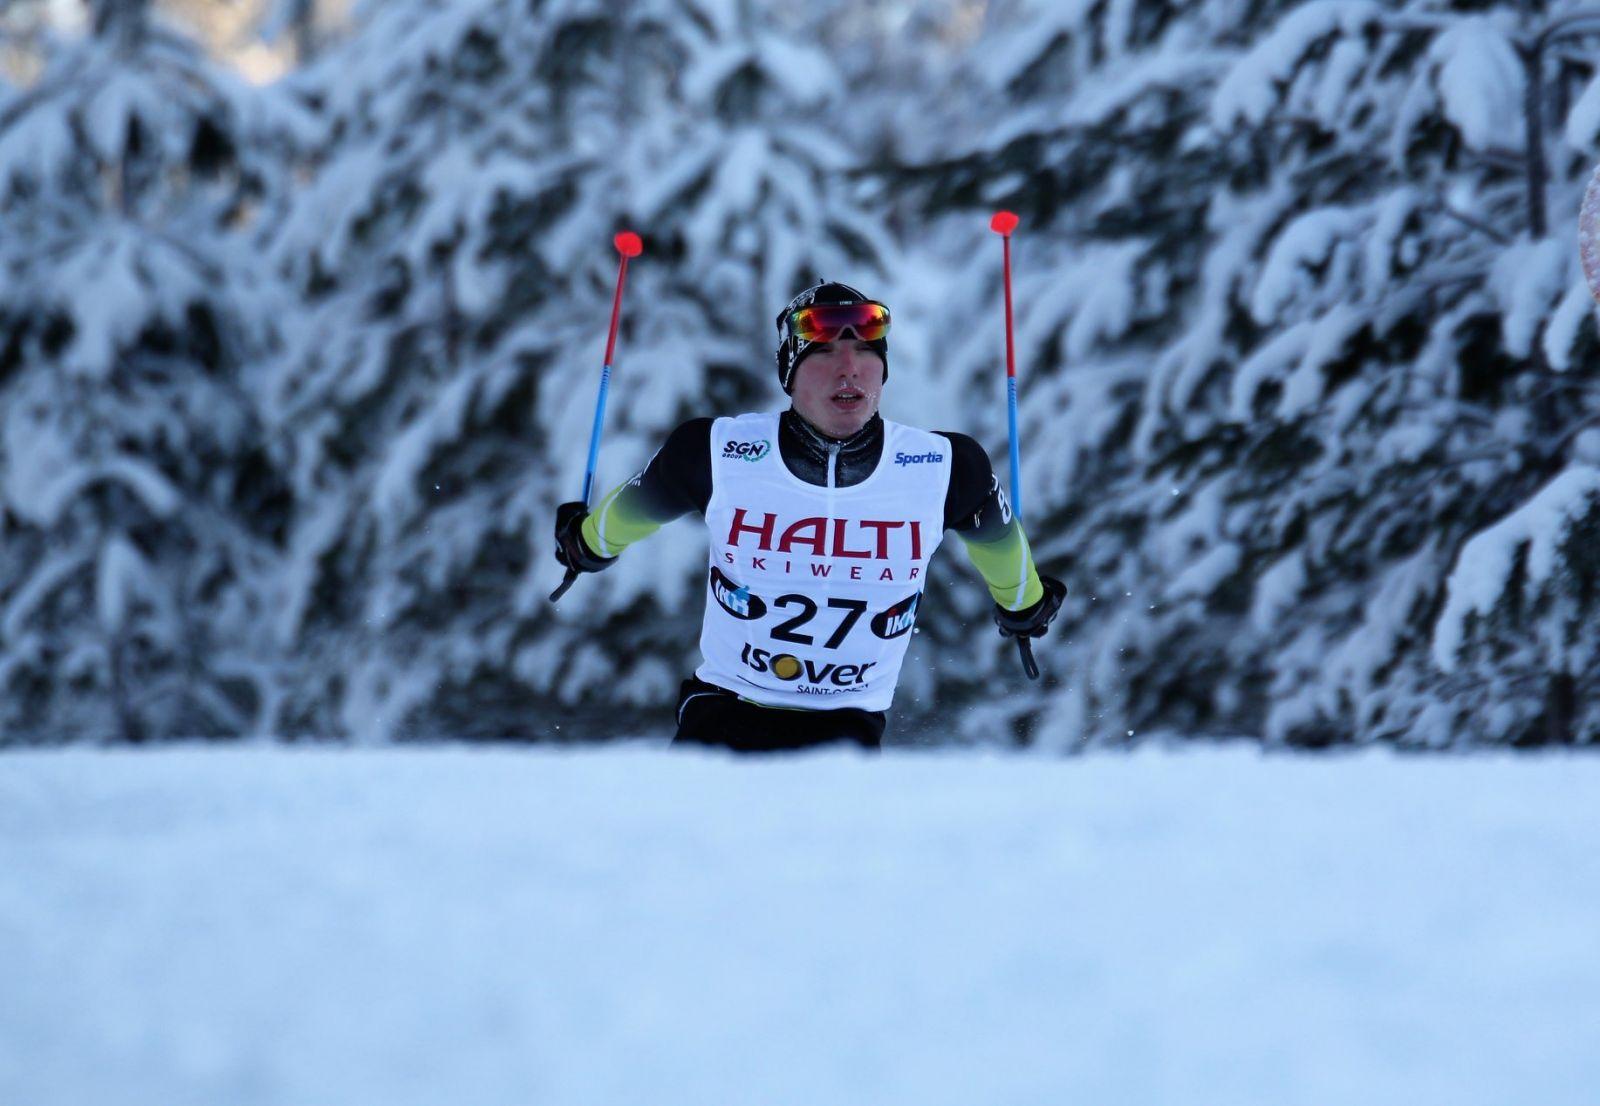 Российские спортсмены с ПОДА выиграли 4 золотые,1 серебряную и 3 бронзовые медали  в четвертый день заключительного этапа Кубка мира по лыжным гонкам и биатлону в Финляндии